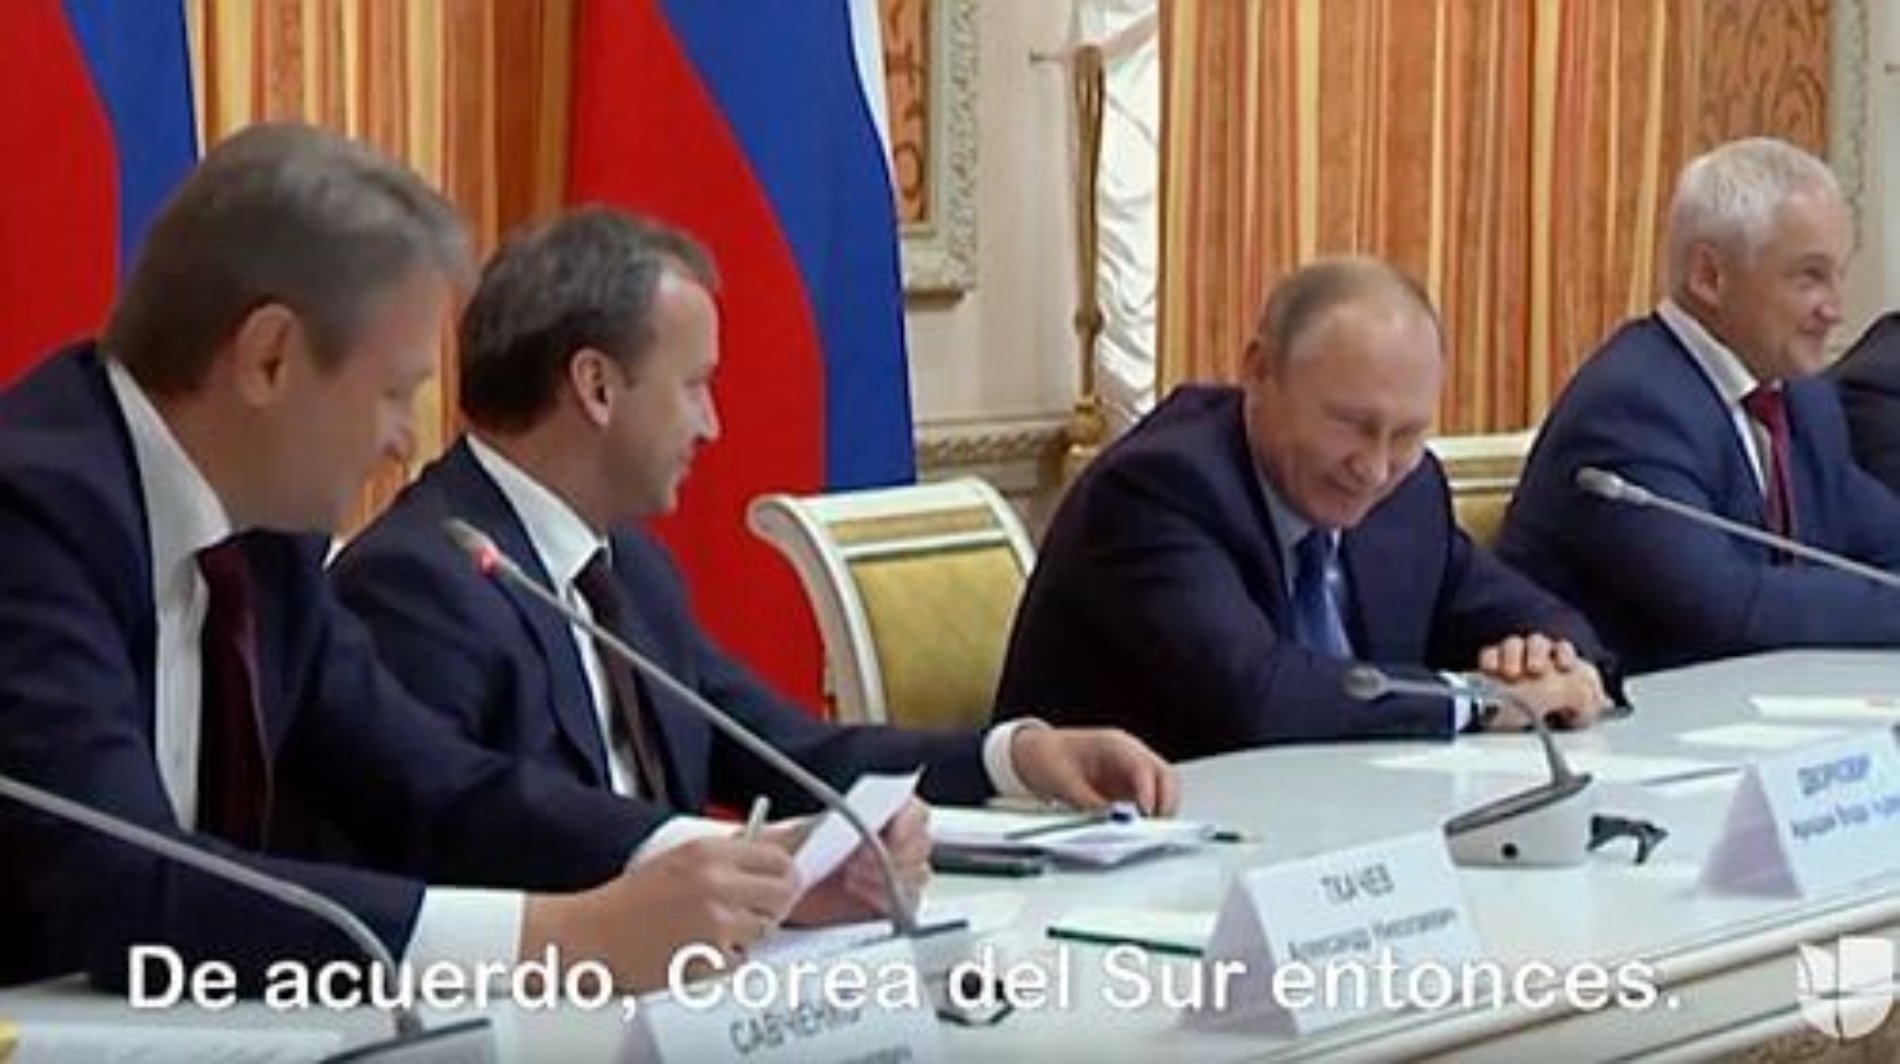 Putin muere de risa cuando su ministro de agricultura plantea exportar cerdo a Indonesia, país musulmán